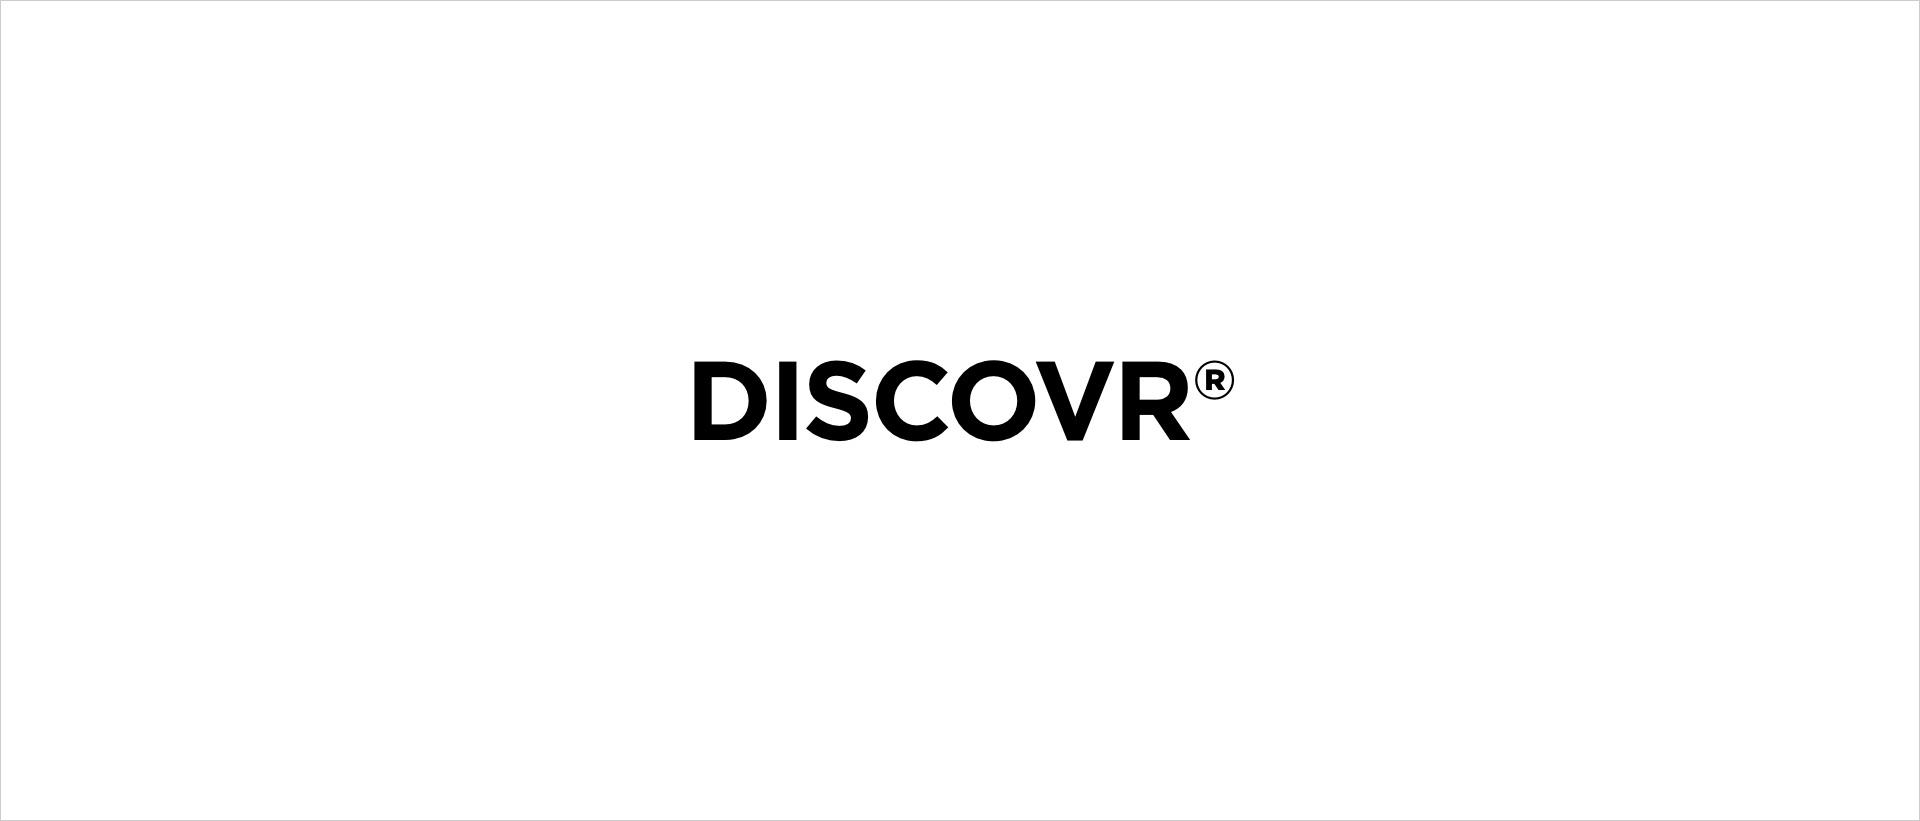 Discovr-WebBannerStyle1.jpg